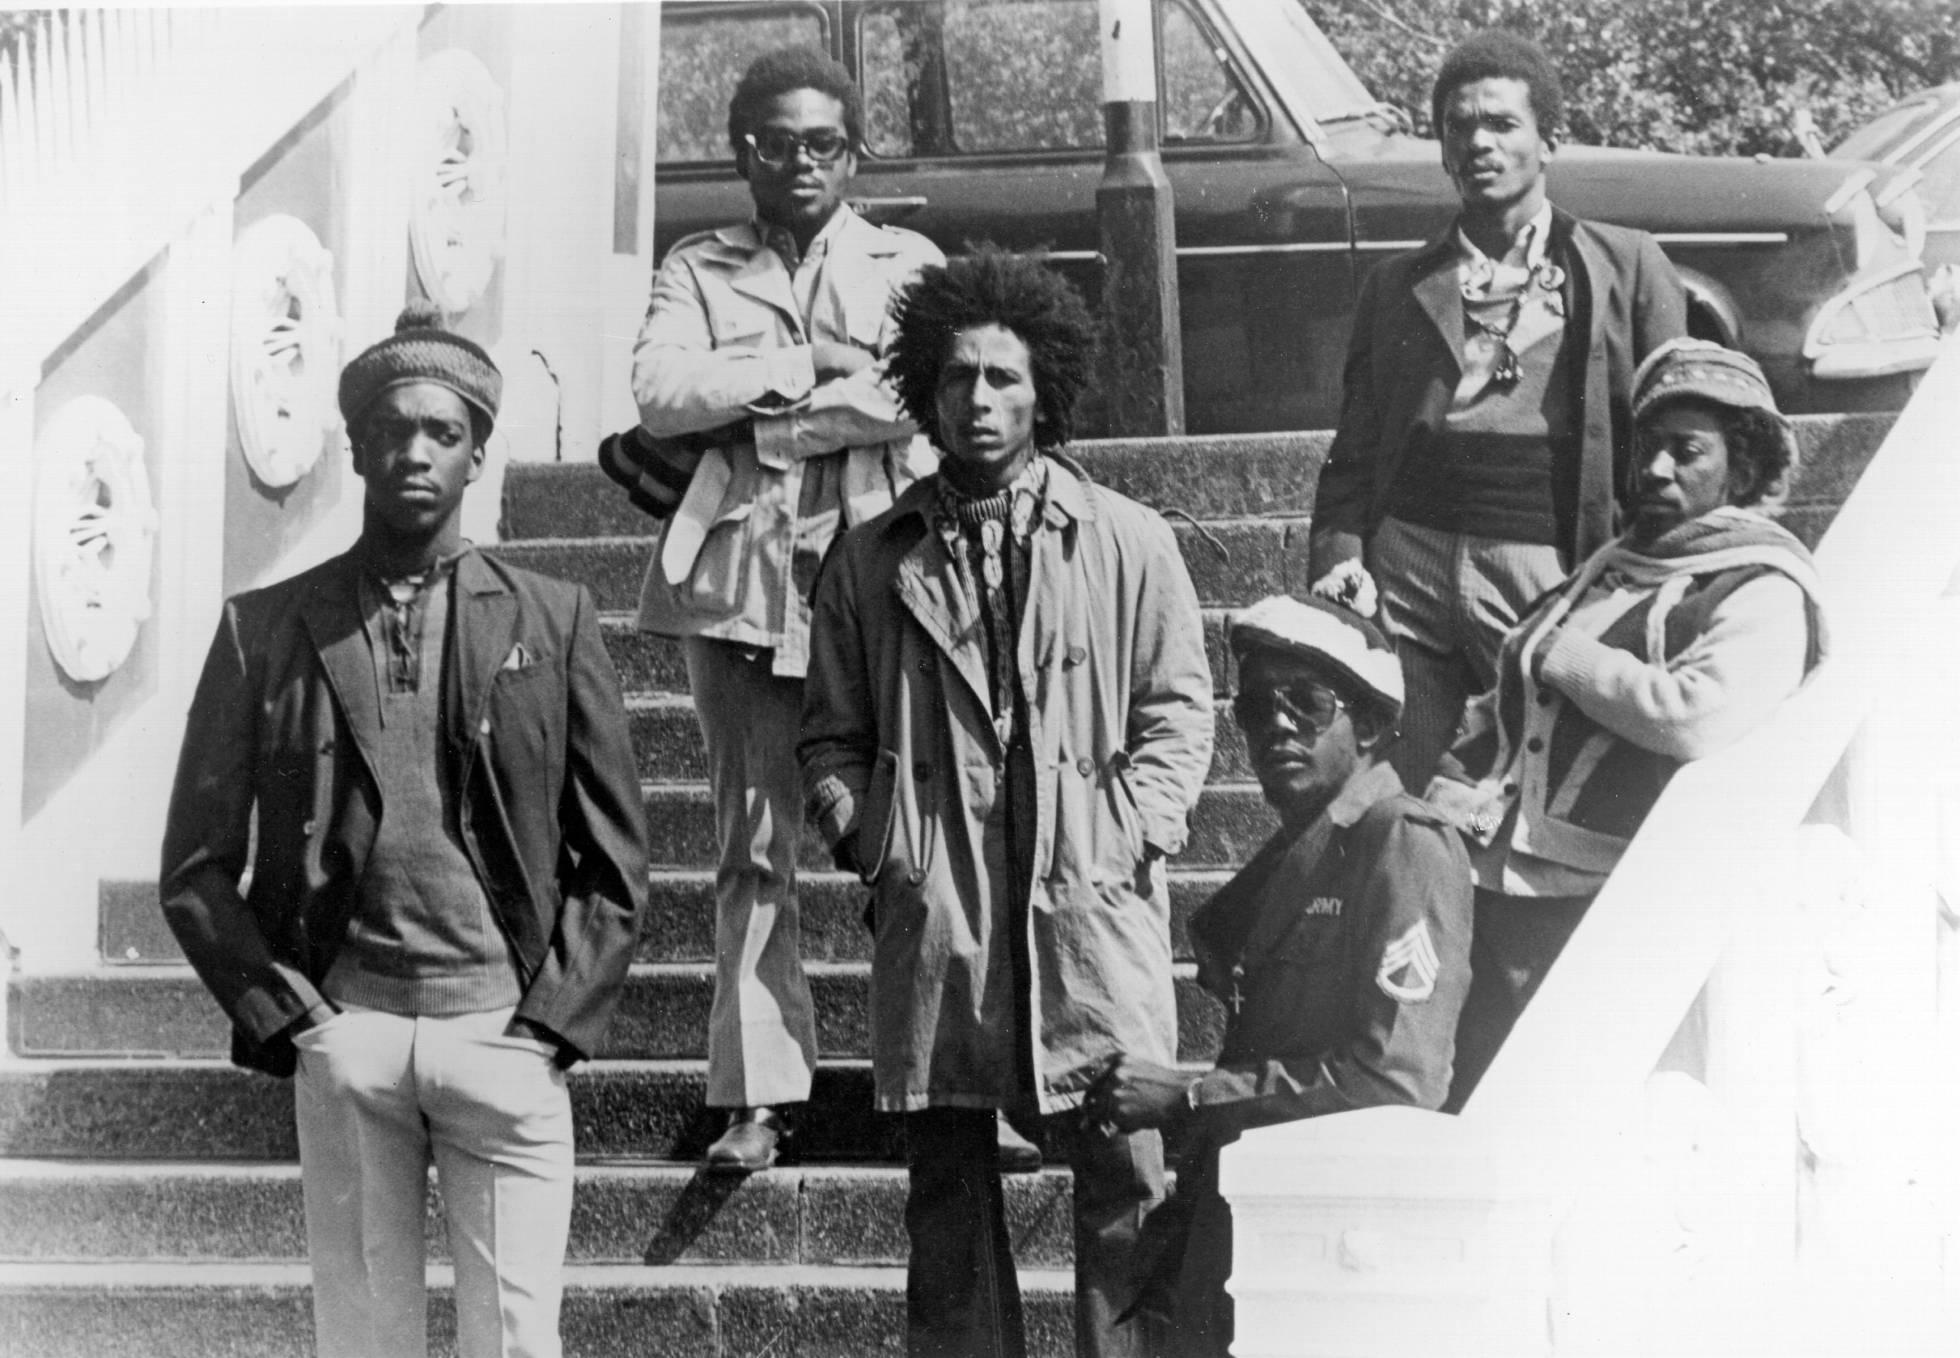 La formación en directo The Wailers en 1973 en Londres. De izquierda a derecha Peter McIntosh 'Tosh', Aston 'Family Man' Barrett, Bob Marley, Earl 'Wire' Lindo, Carlton 'Carly' Barrett y Neville 'Bunny' Livingstone. (Foto: Michael Ochs Archives/Getty Images)